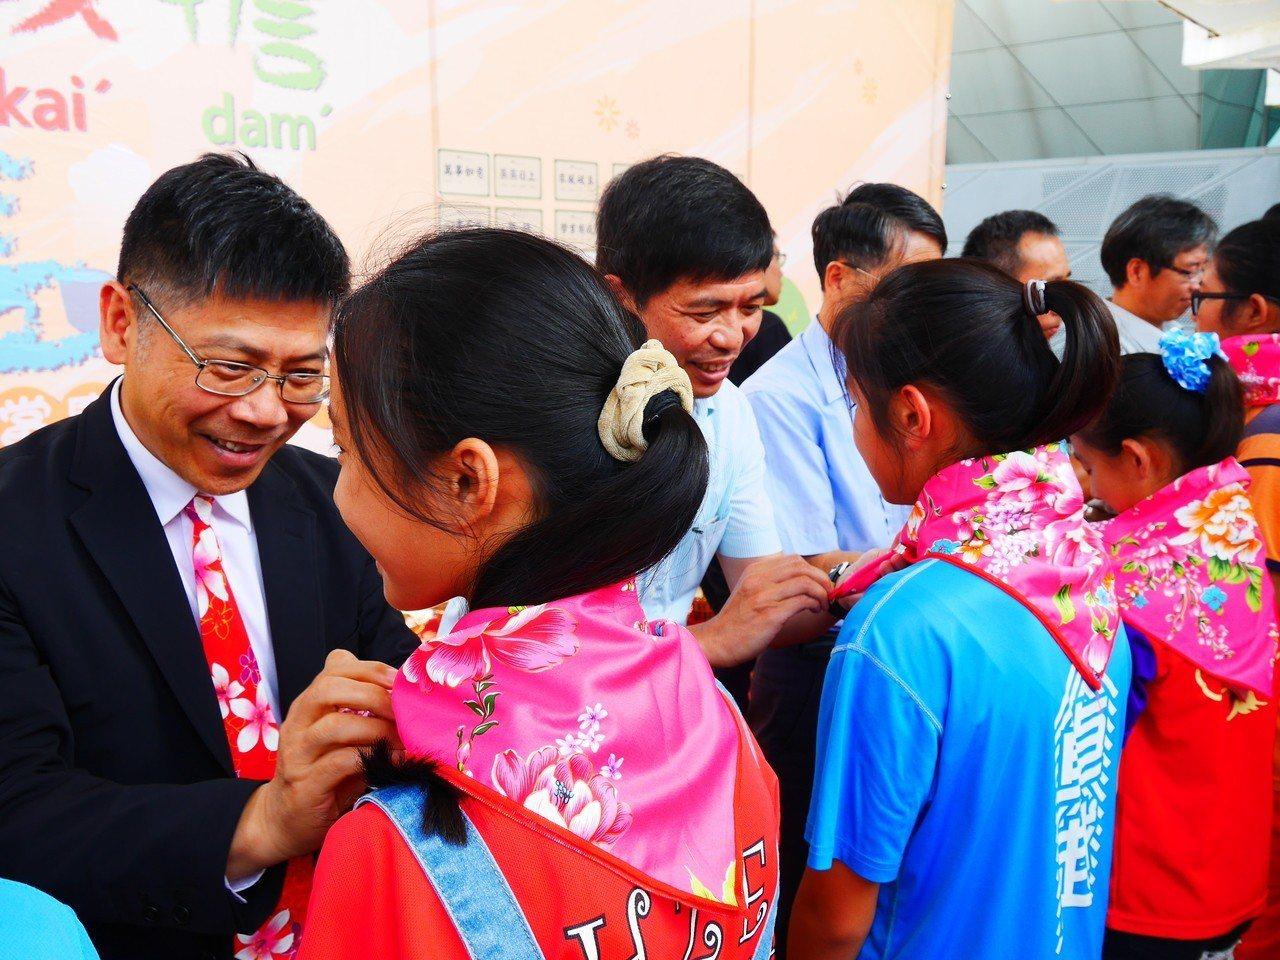 來賓為學童繫上「智慧巾」,勉勵大家用智慧面對人生難題。圖/客家文化發展中心提供